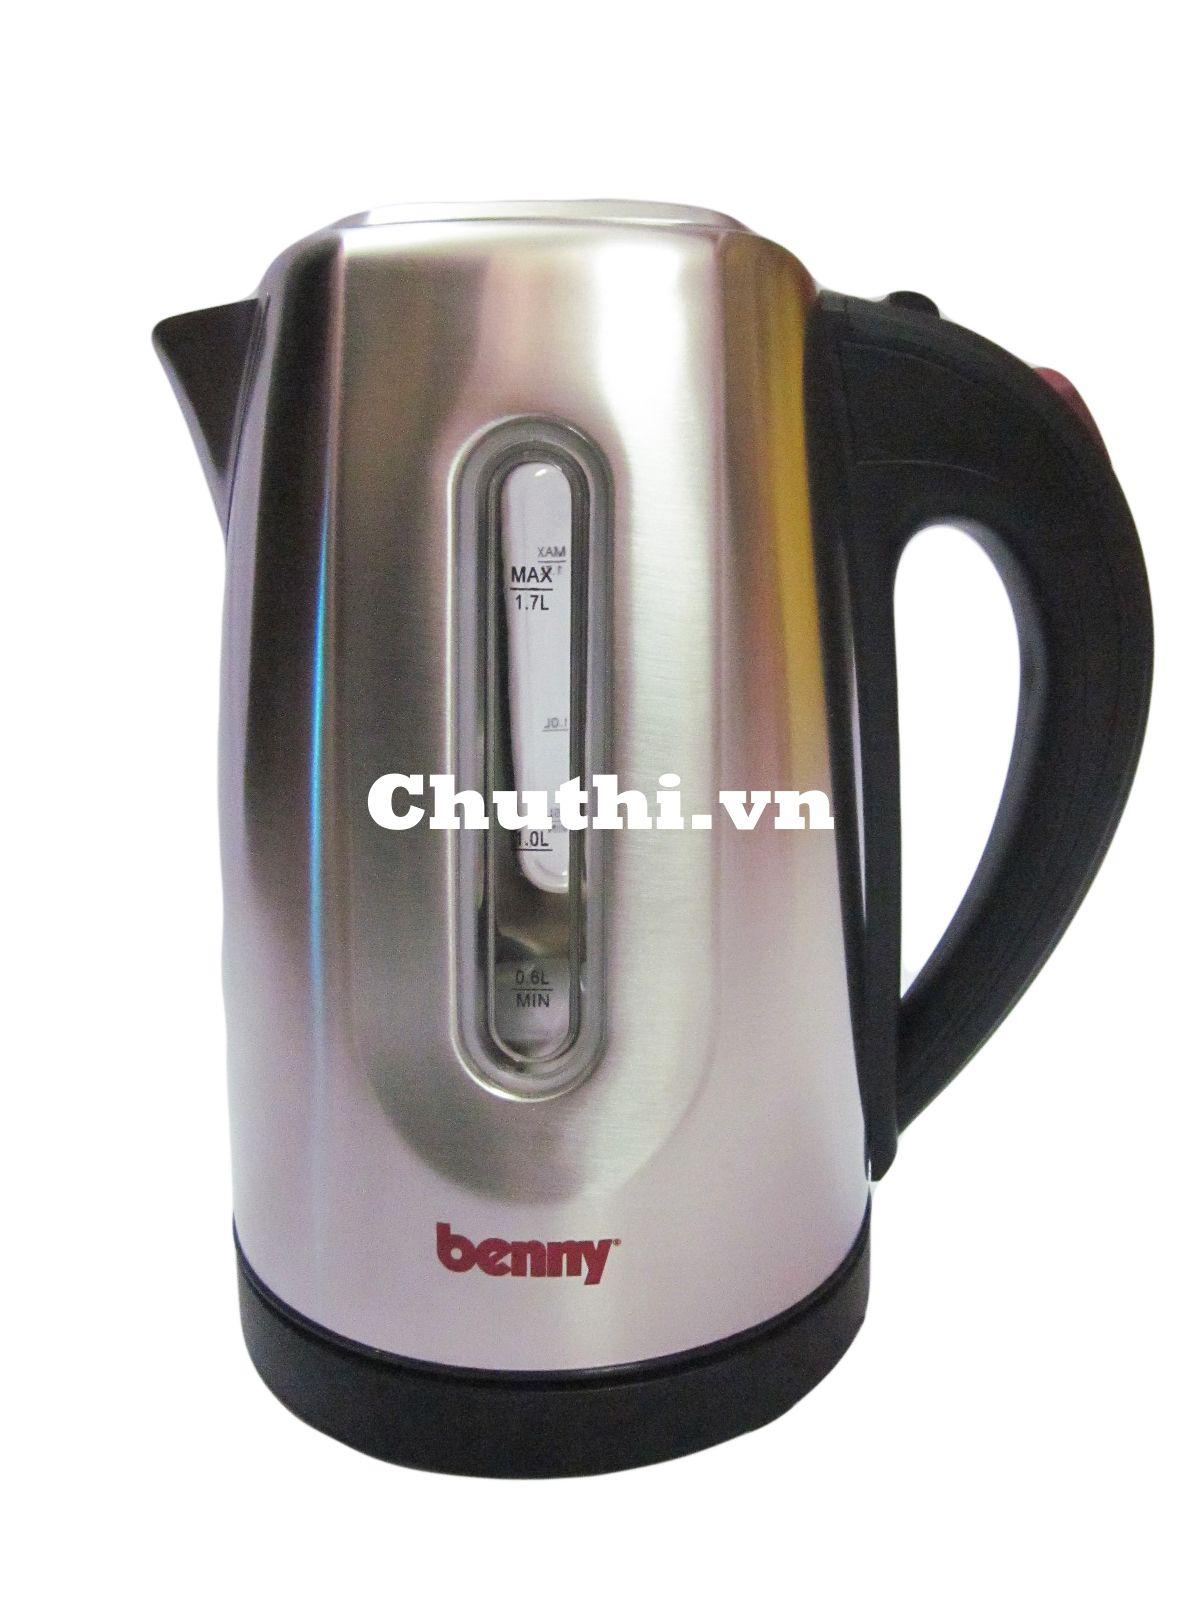 Ấm siêu tốc Benny BJ21 màu đen bạc sang trọng cho căn nhà bạn